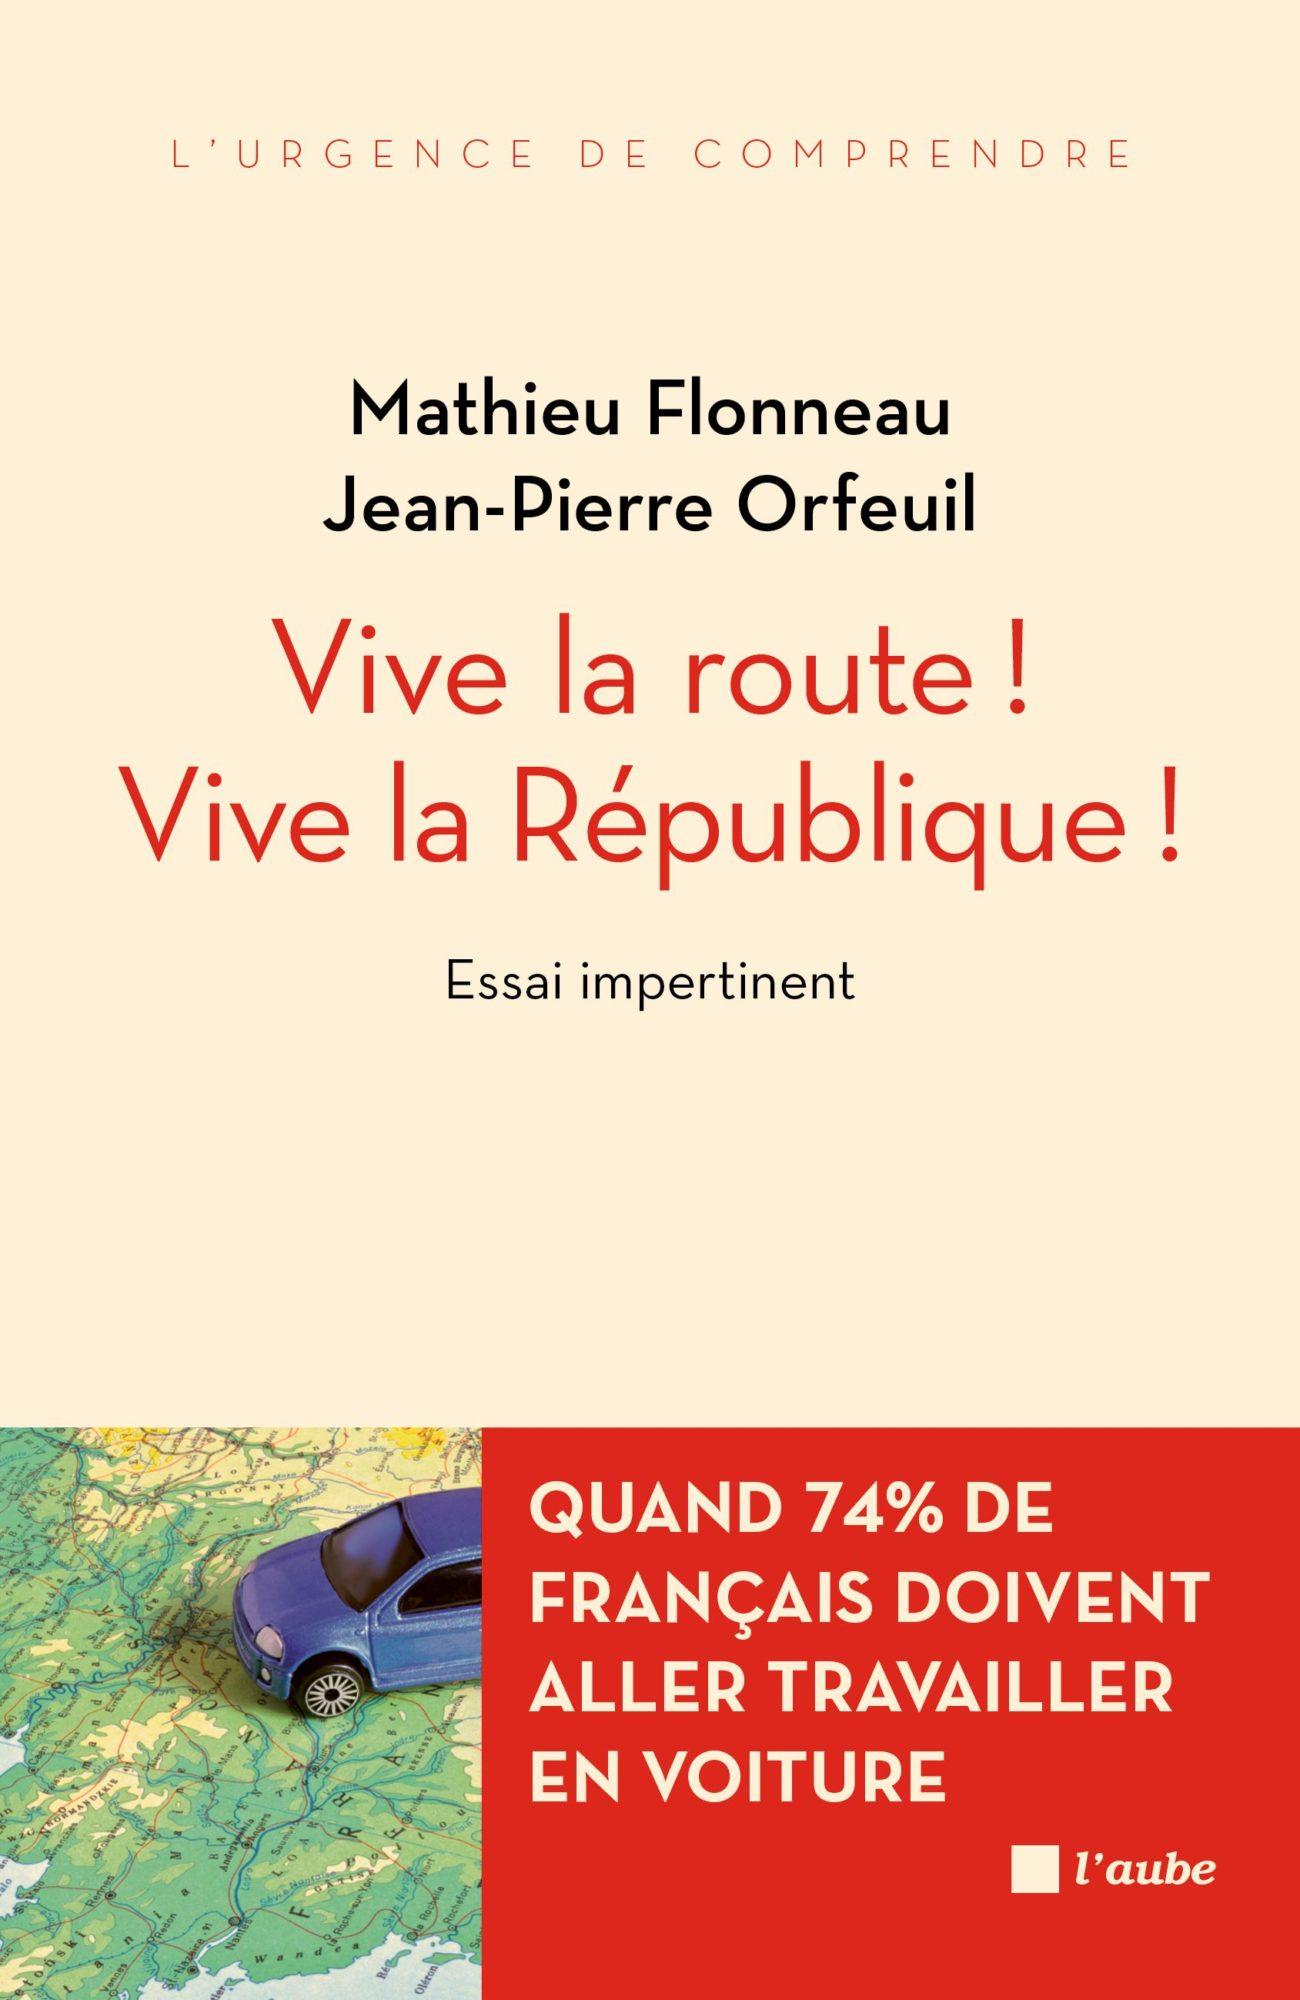 Vive la route ! Vive la République !